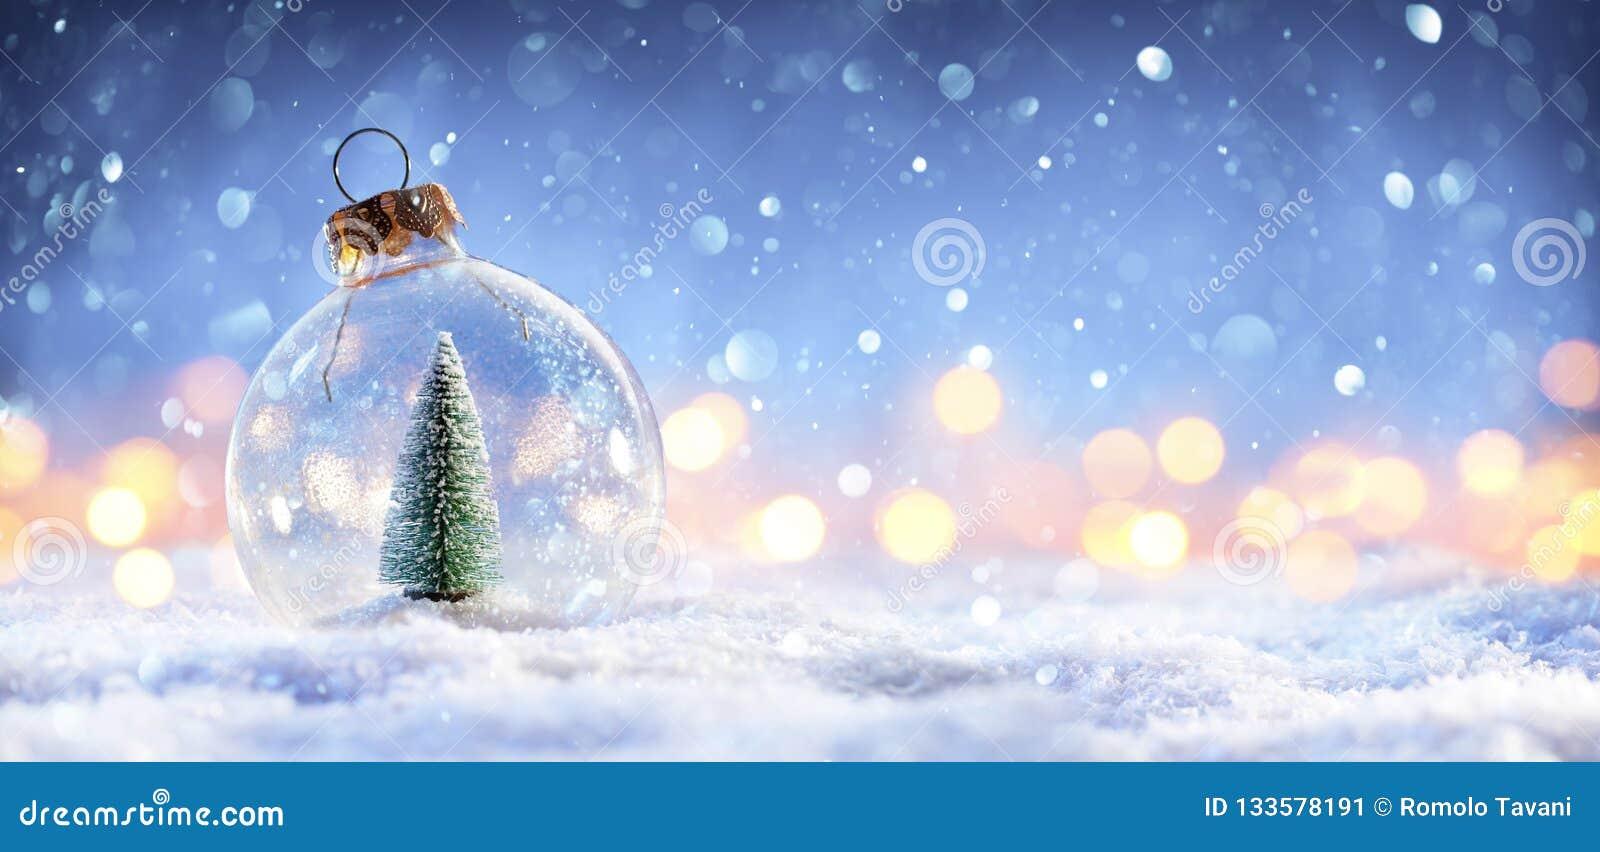 Sneeuwbal met Kerstboom daarin en Lichten